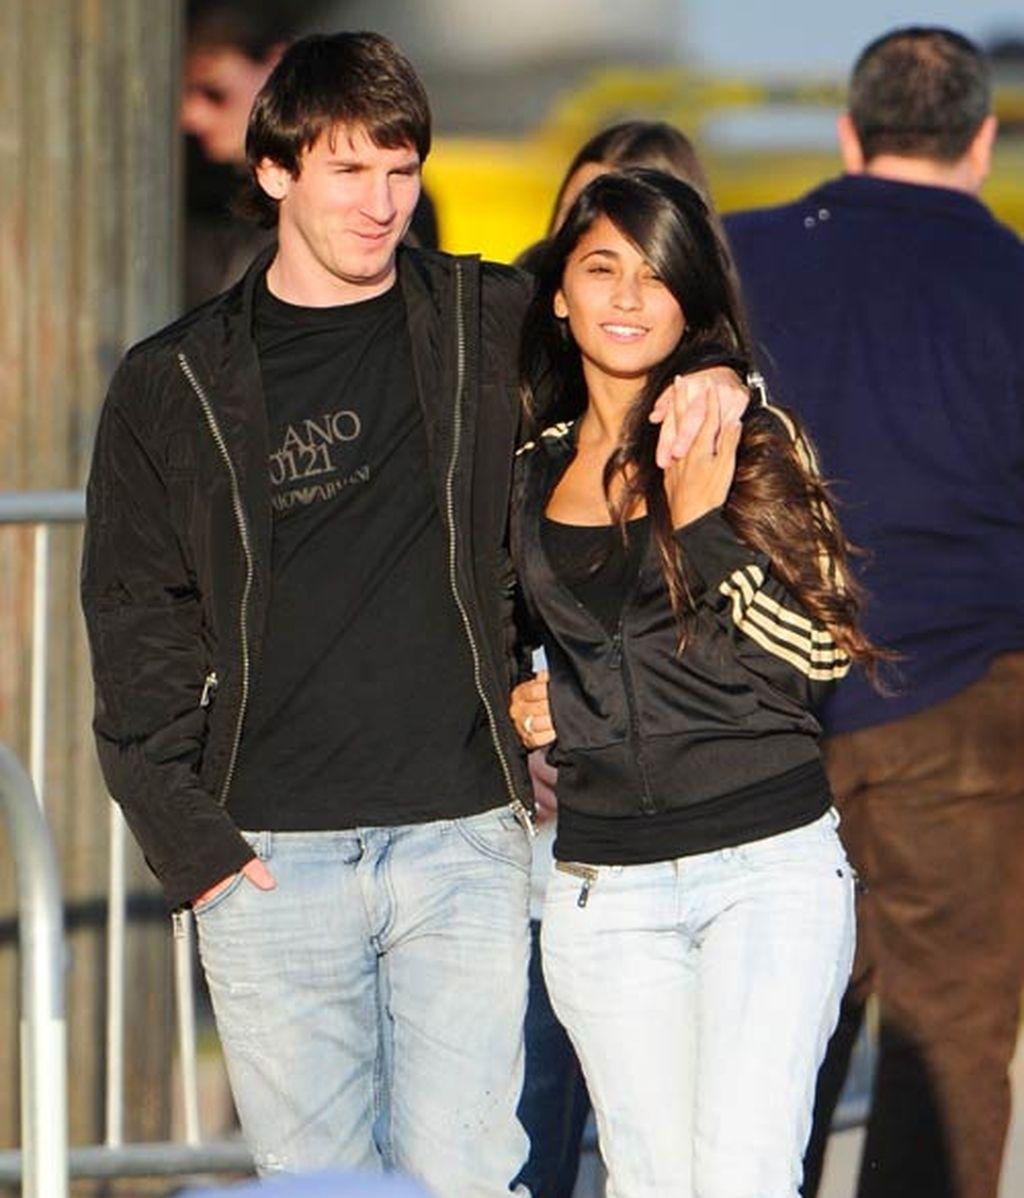 Así es Antonella Roccuzzo, la ex novia de Messi